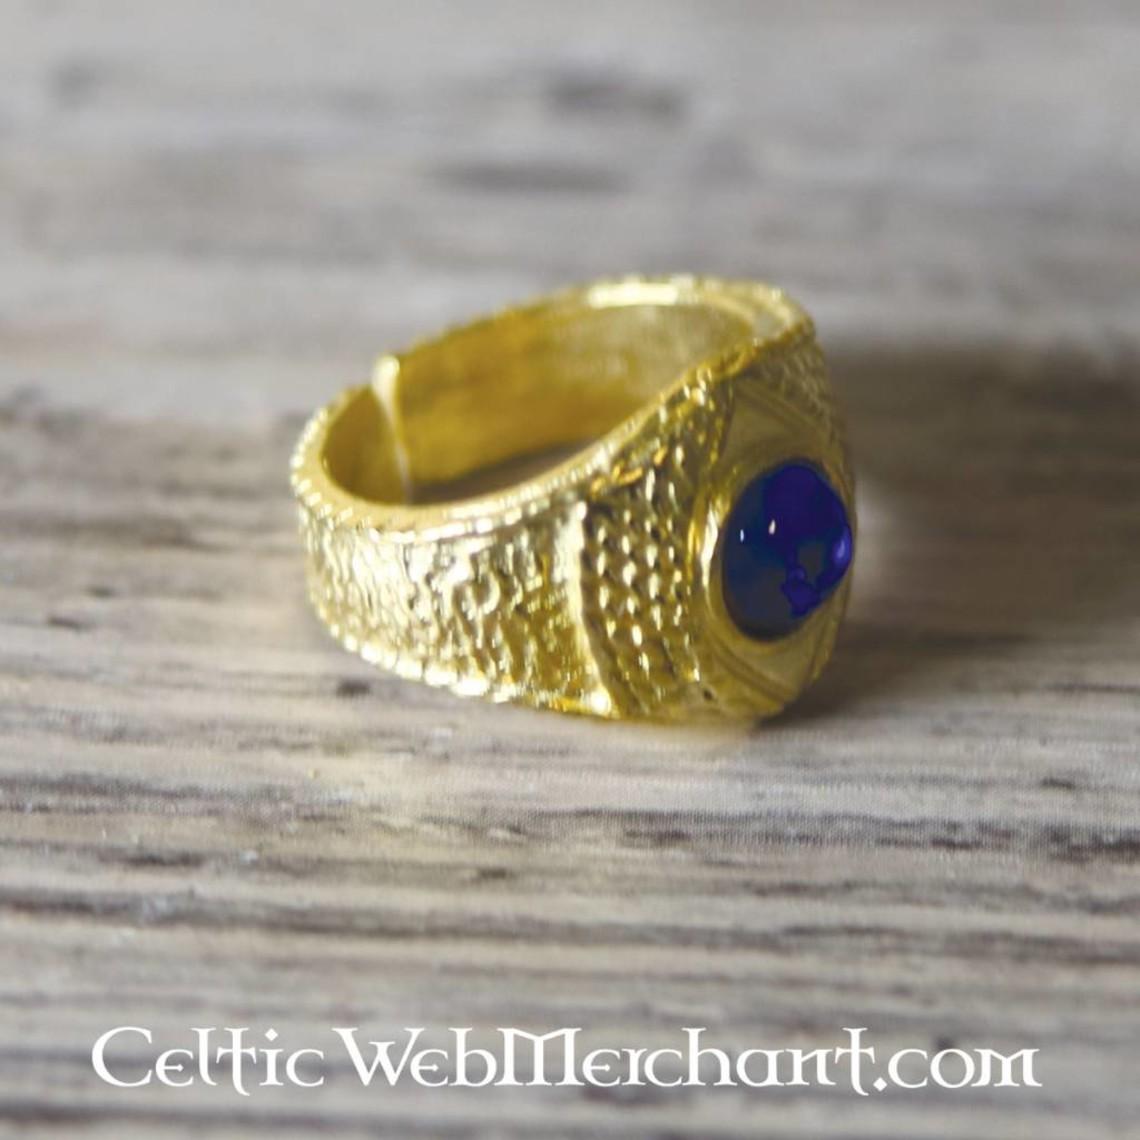 Pozłacane średniowieczny pierścień, niebieski